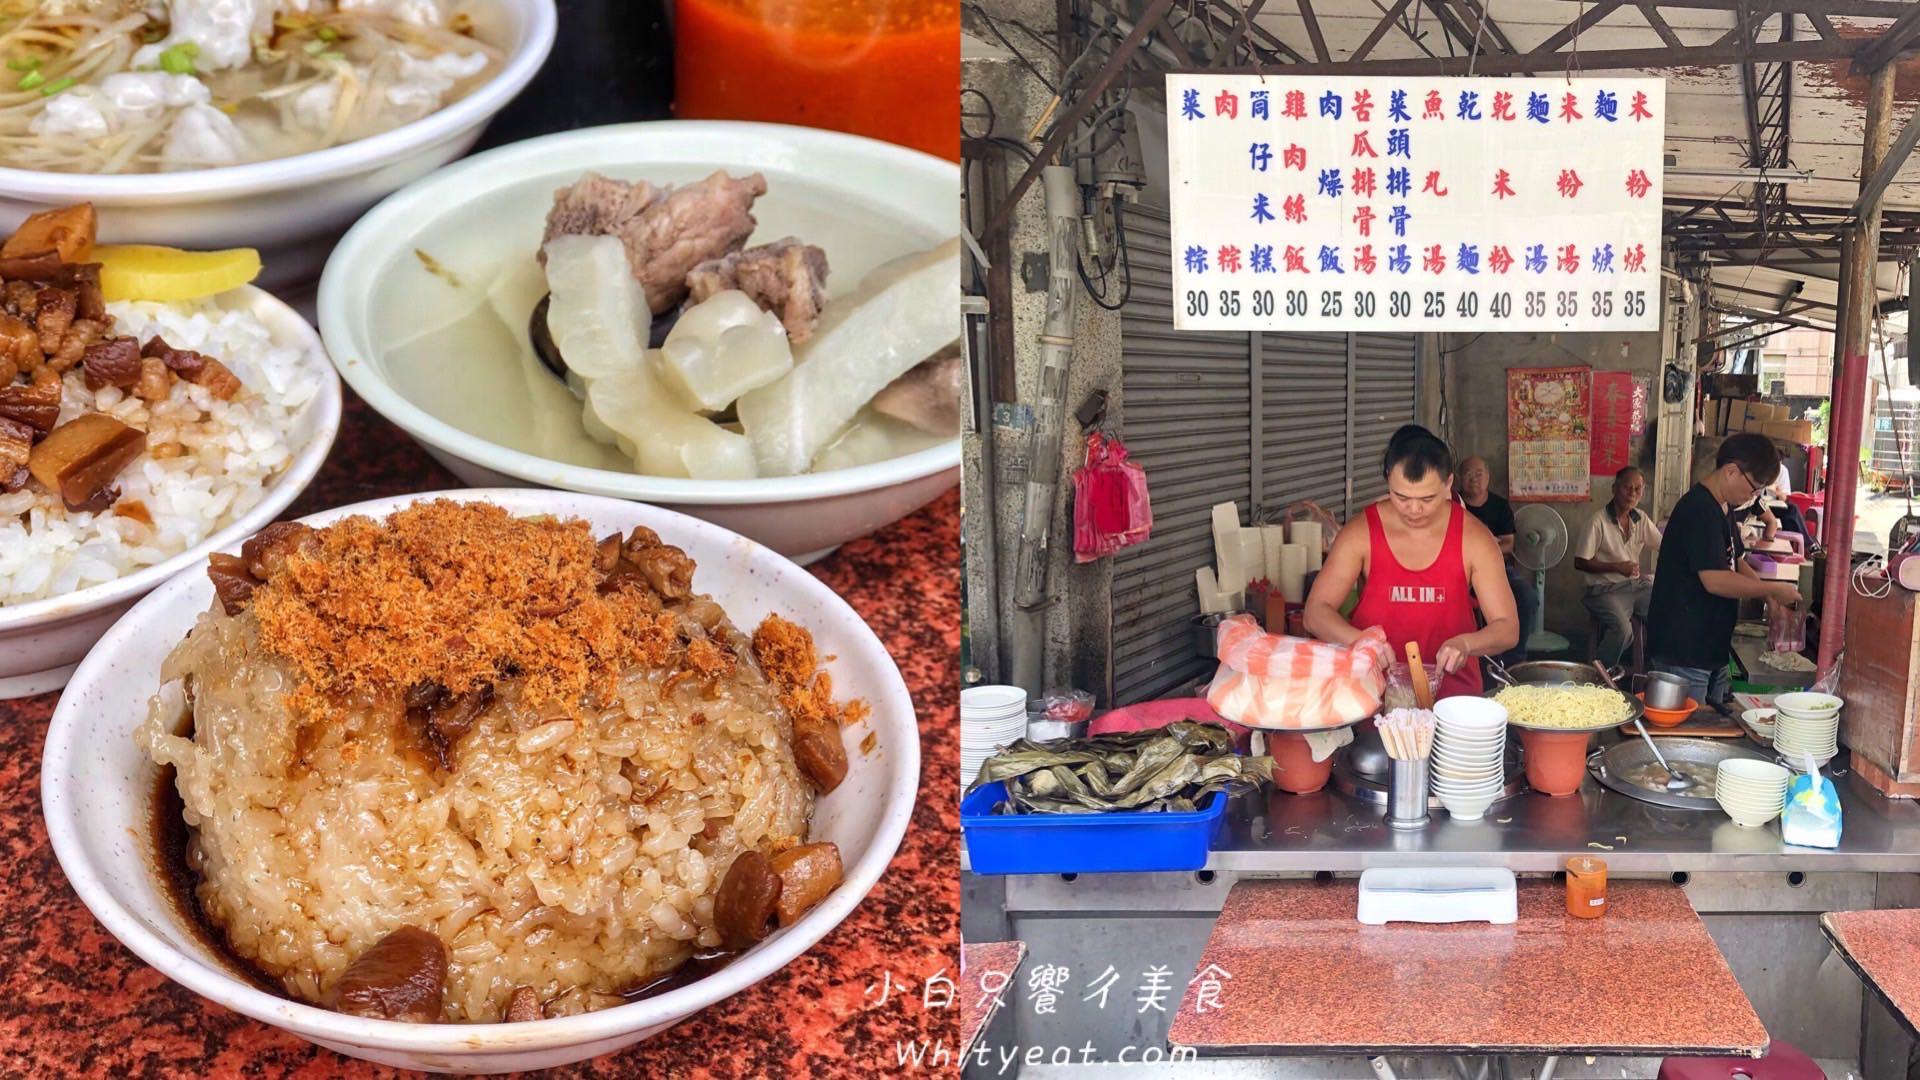 【台南美食】凌晨四點就開的「光明街無名肉燥飯」生意超好的50年老店 餐點平價又美味!